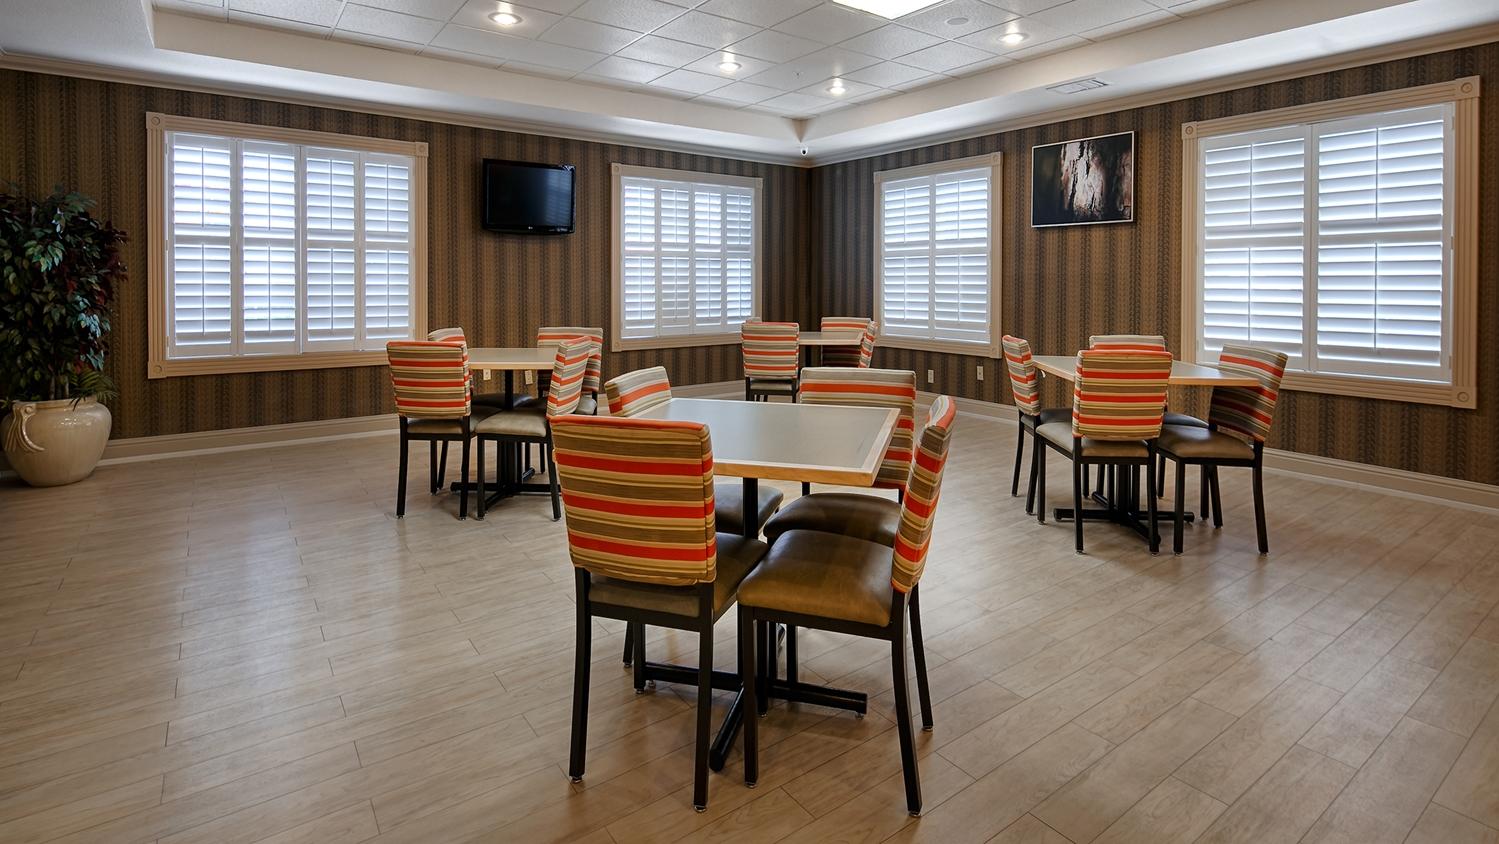 Best Western Plus Rama Inn Amp Suites Oakdale Ca See